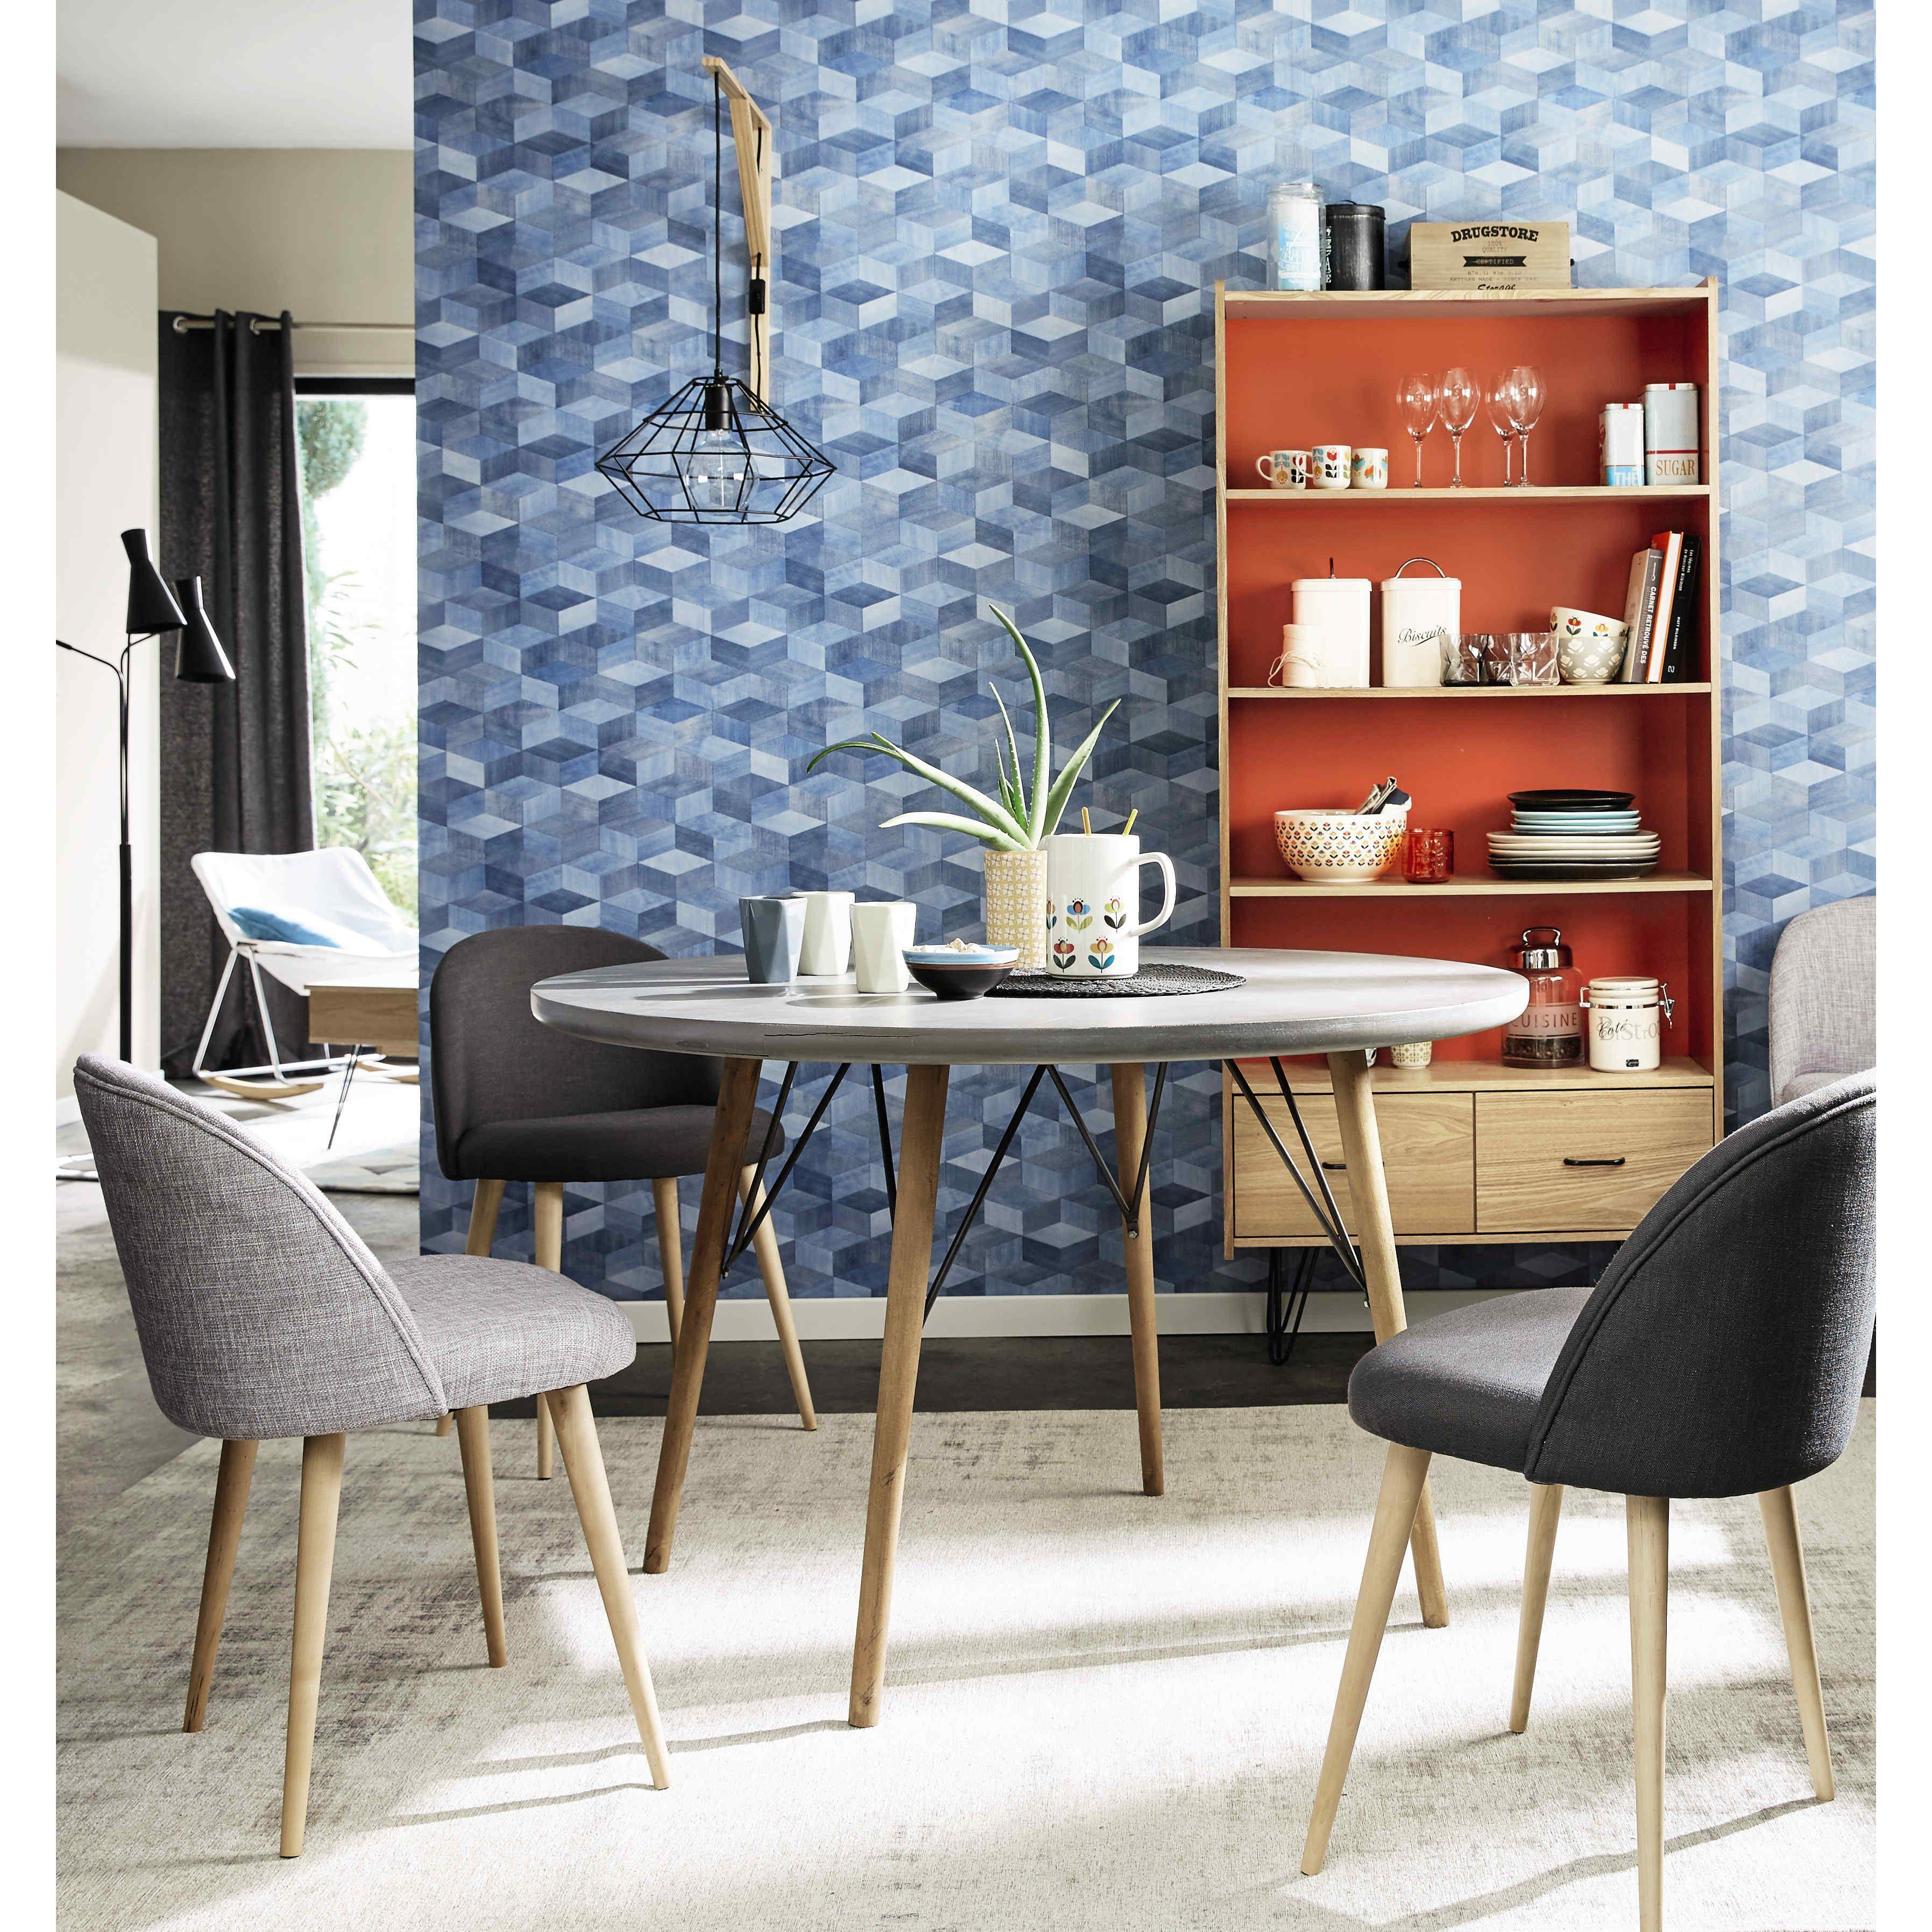 Runder Esstisch aus Holz, D120   Cleveland and Painting furniture